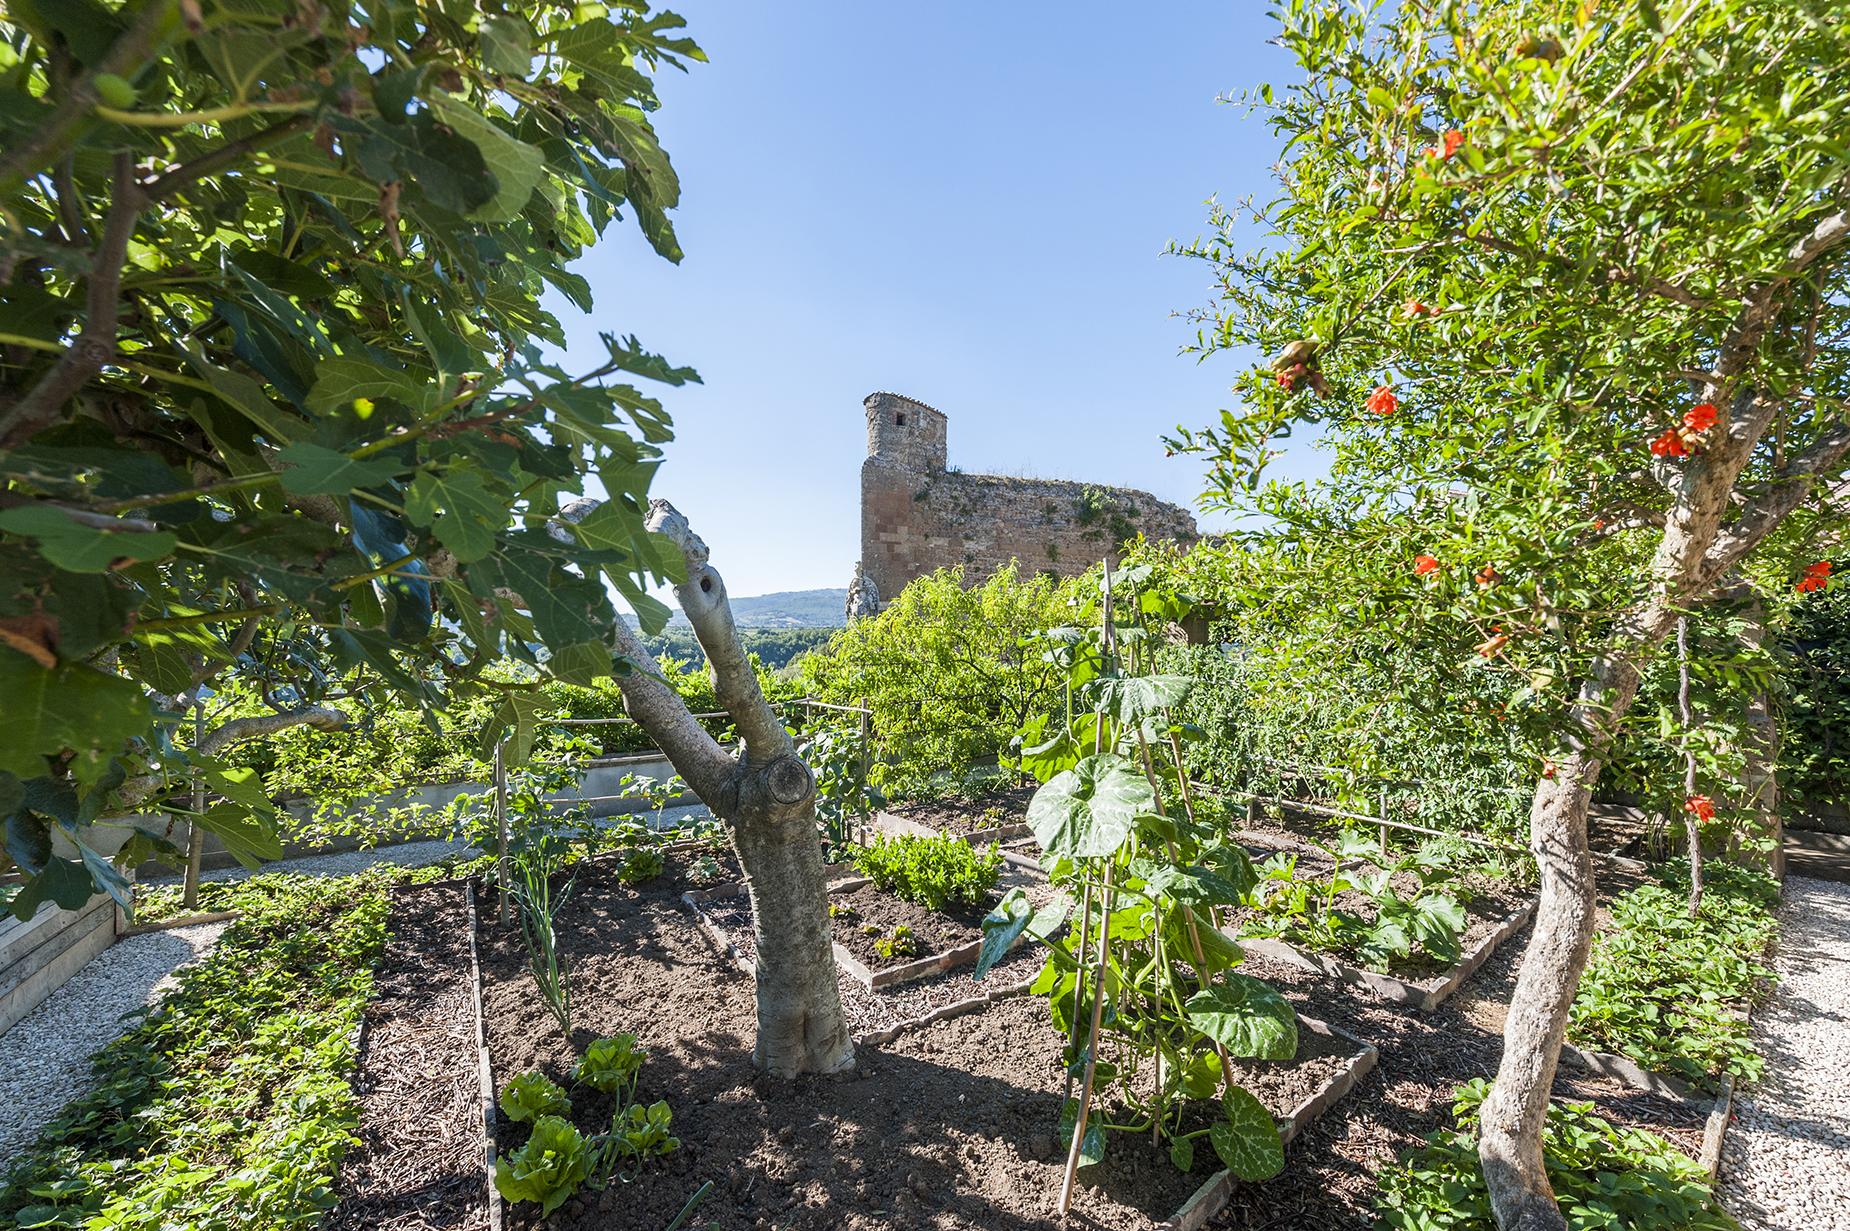 Casa indipendente in Vendita a Sorano: 5 locali, 230 mq - Foto 15